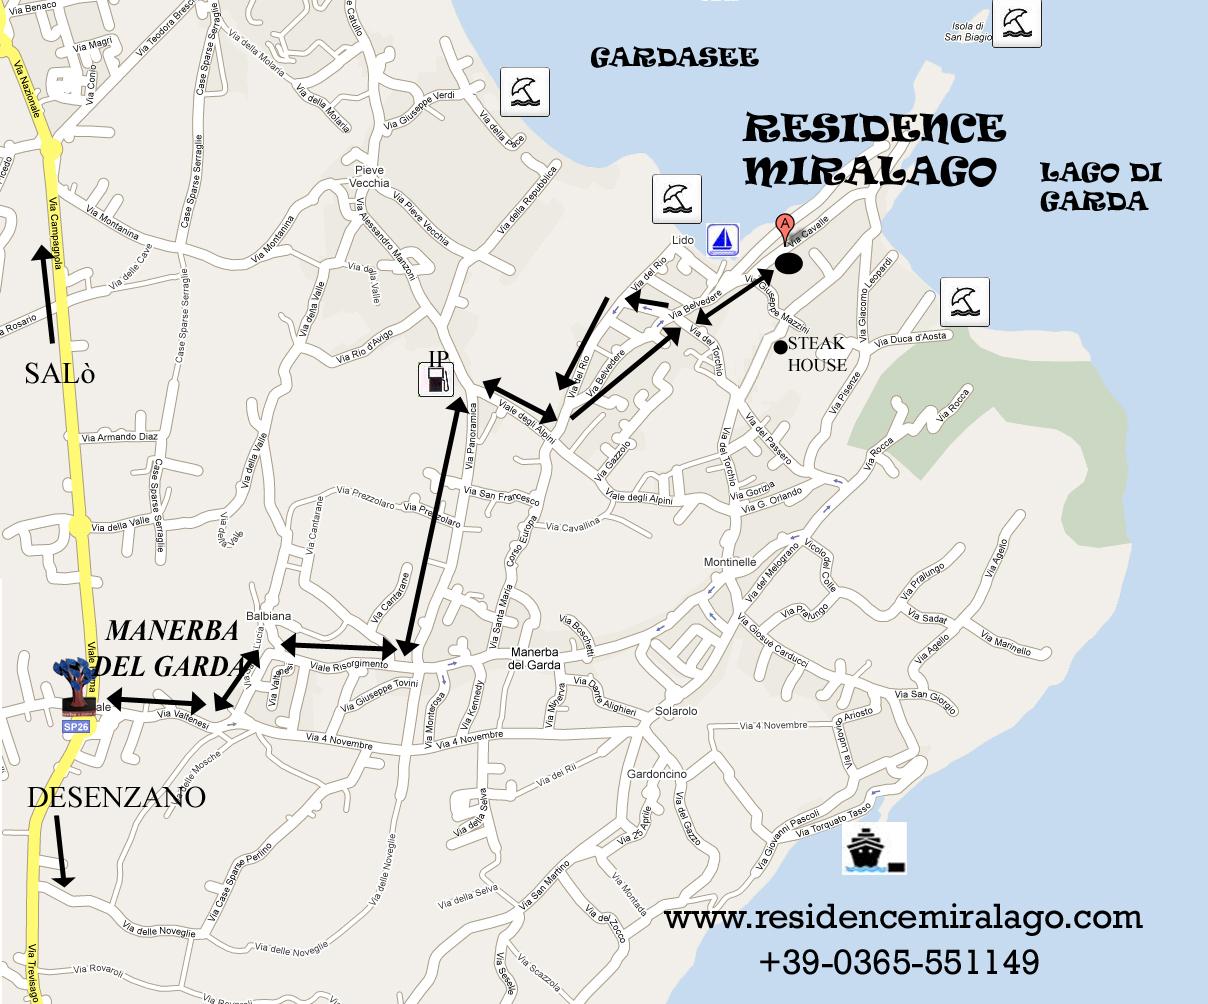 Karte von manerba del garda, Wegbeschreibung zum Hotel Residence Miralago in Manerba del Garda